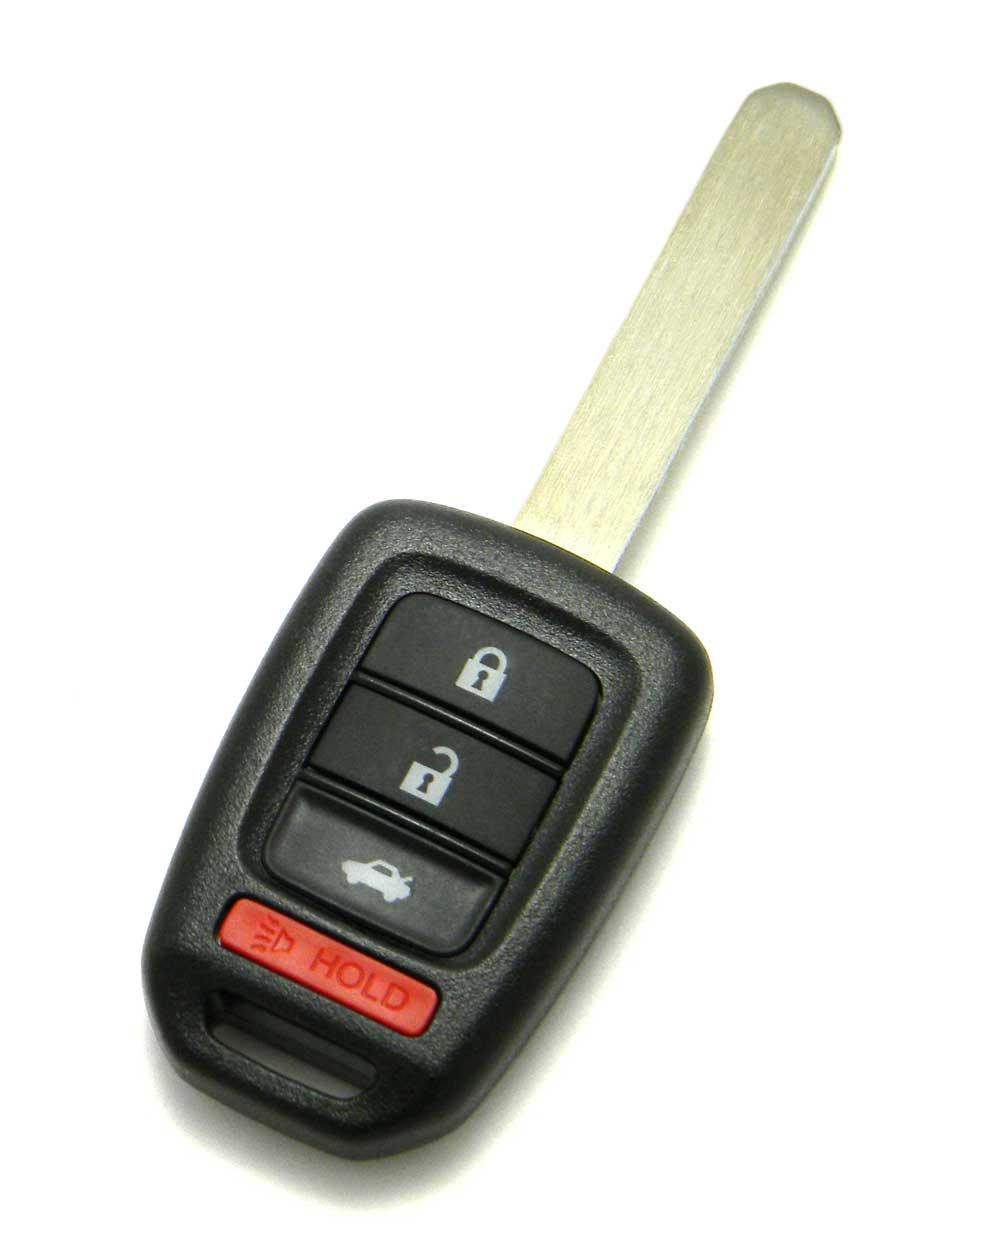 New style Honda remote key 2013 - 2018